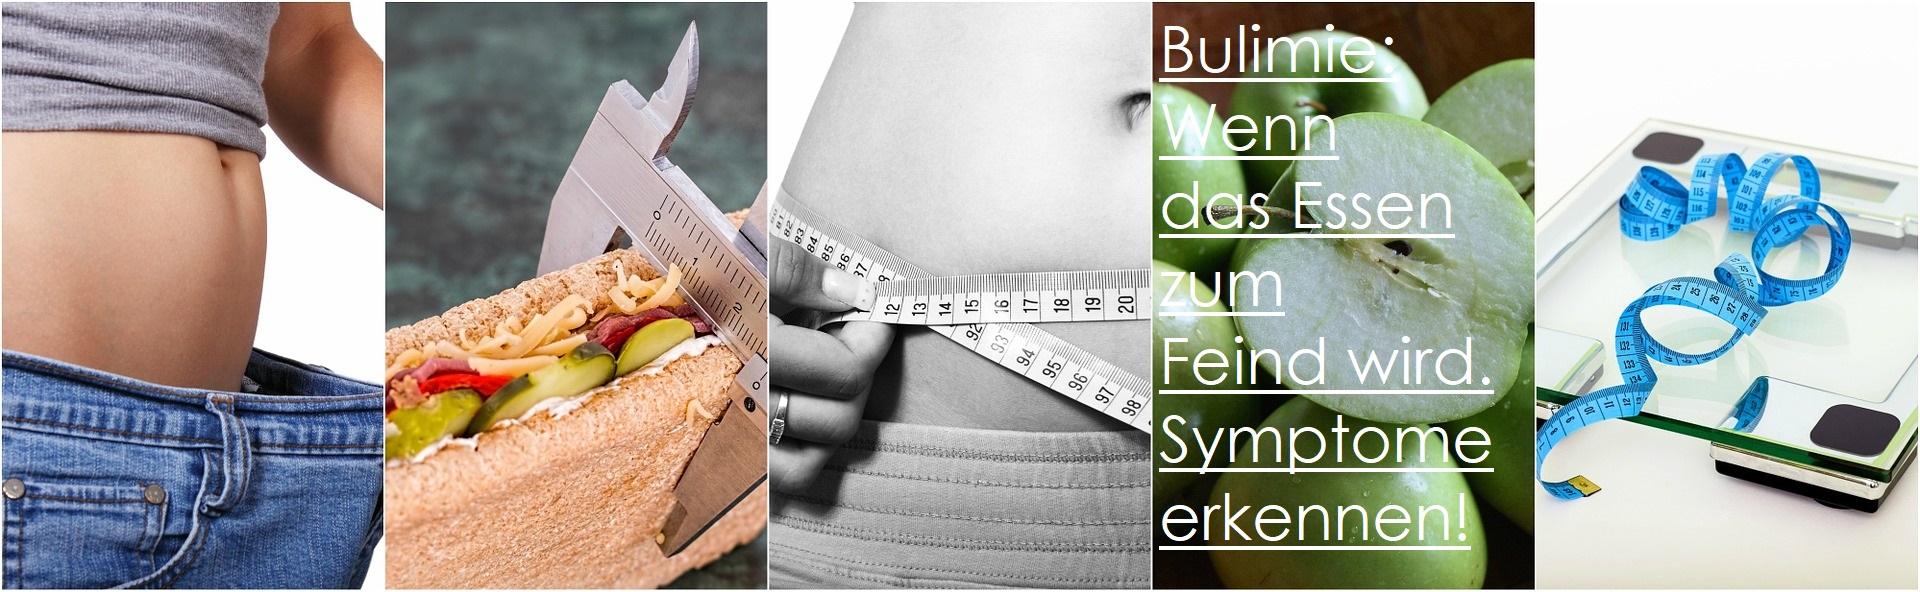 Bulimie Doku